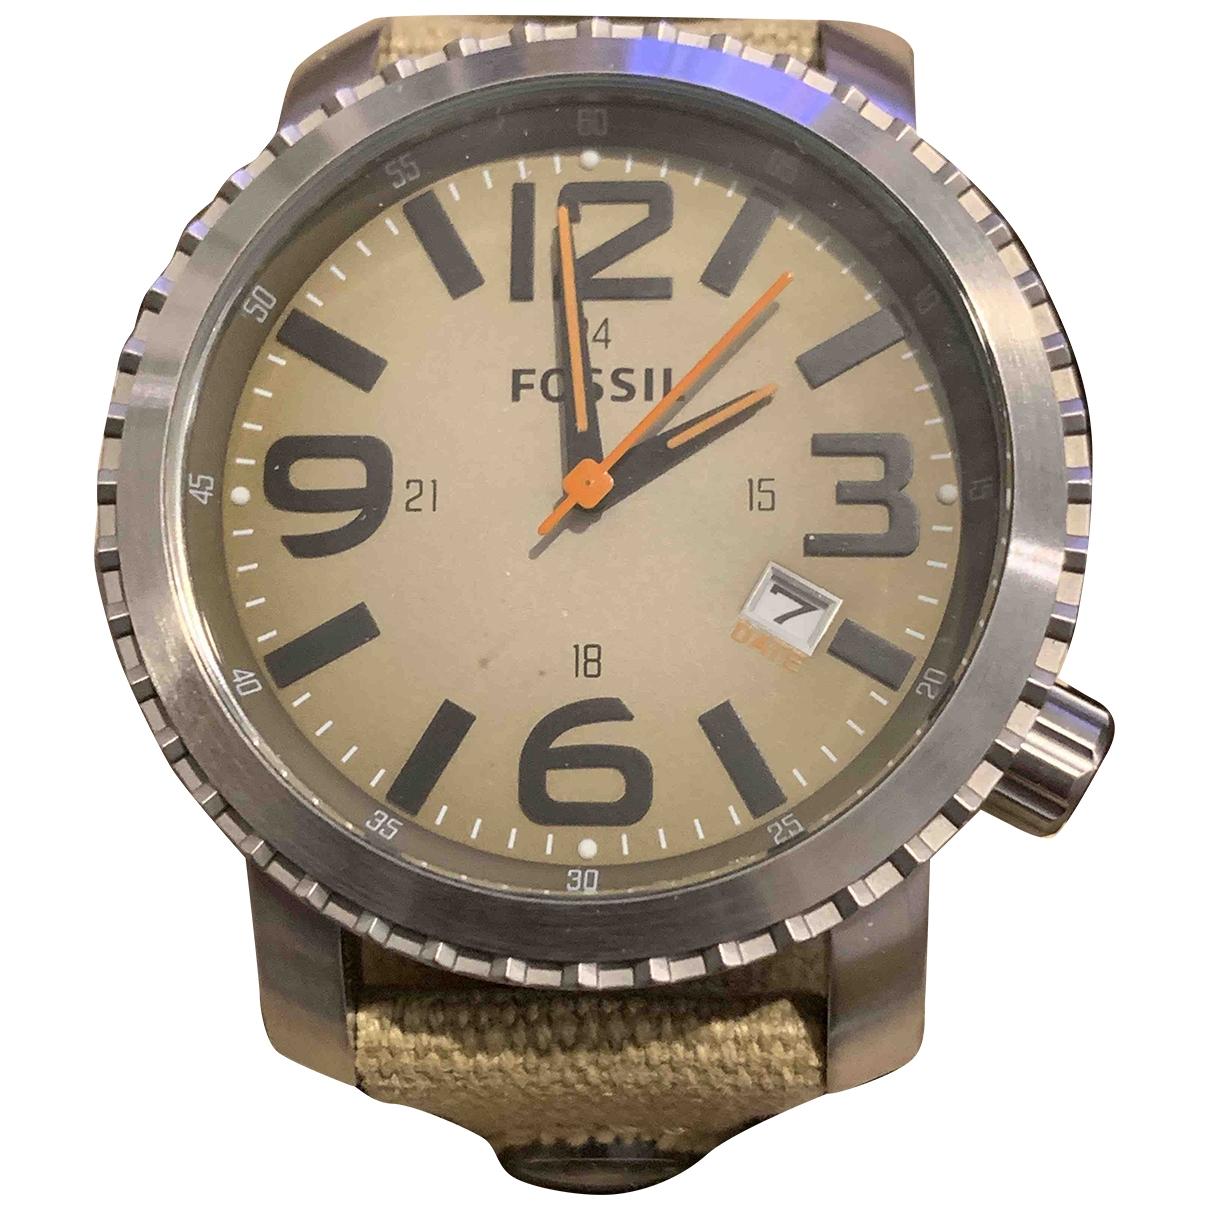 Fossil \N Uhr in  Khaki Stahl